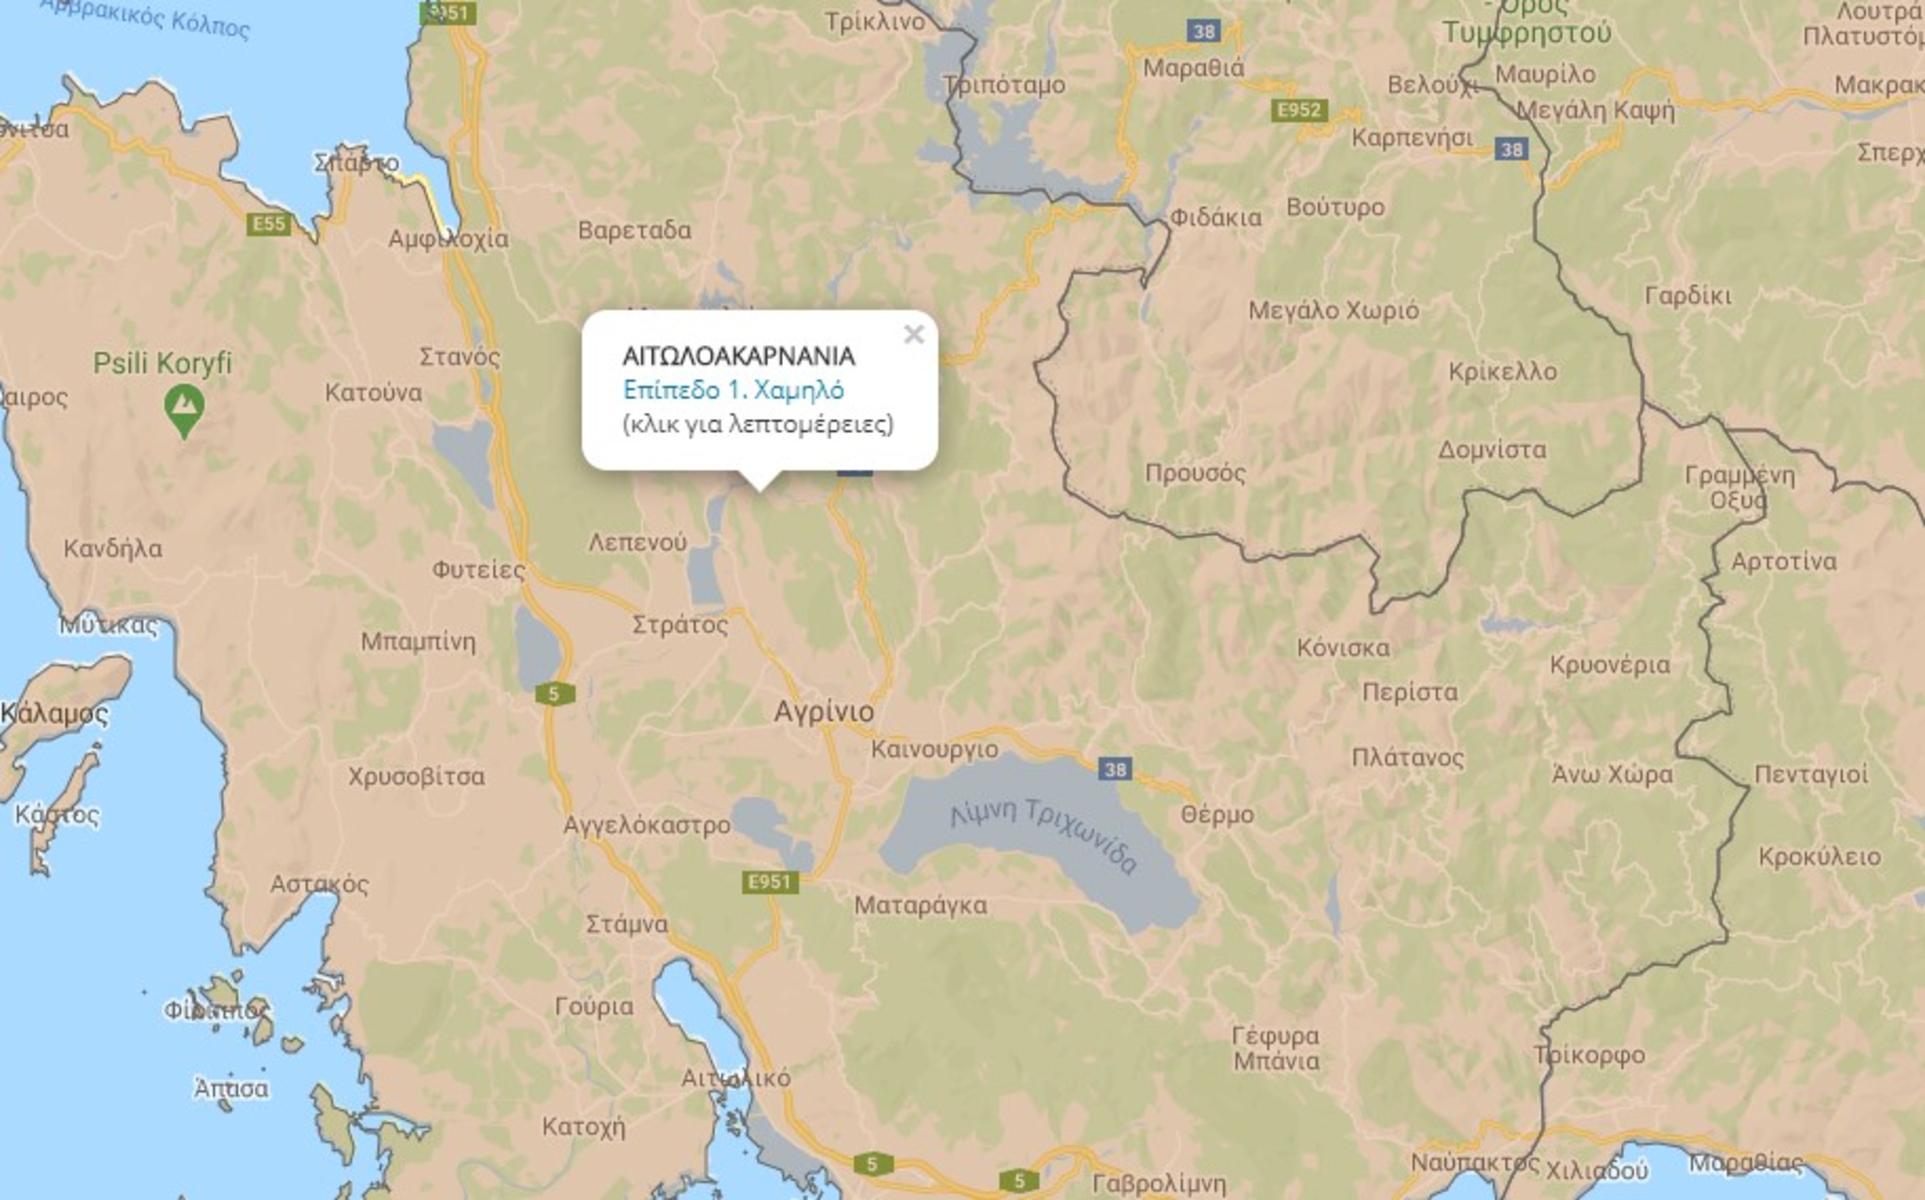 Χάρτης υγειονομικής ασφάλειας: Δηλώσεις Πέτσα σε Σκαϊ